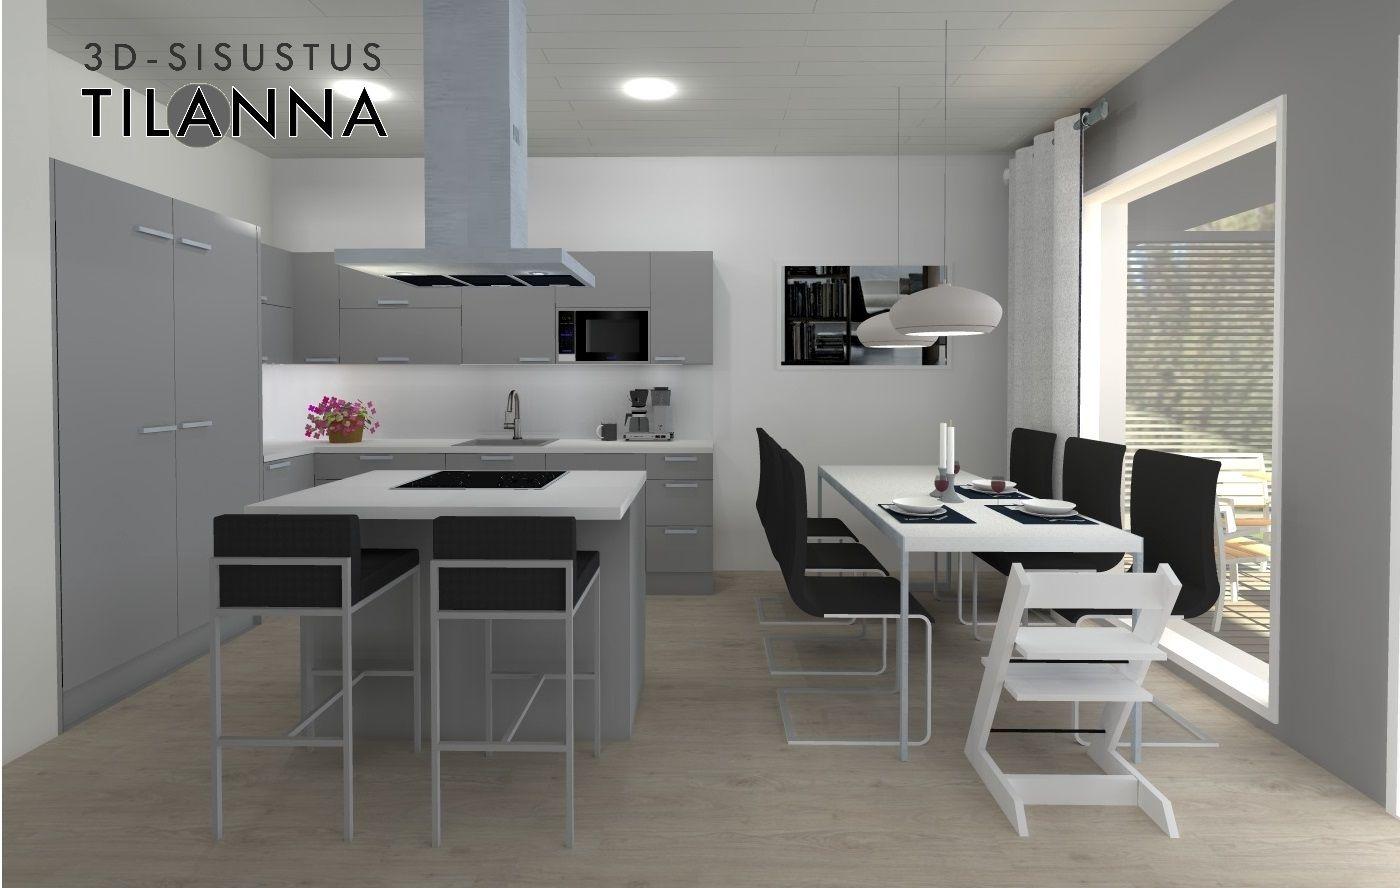 3D  stailaus ja sisustussuunnittelu  moderni harmaa keittiö, valkoiset taso